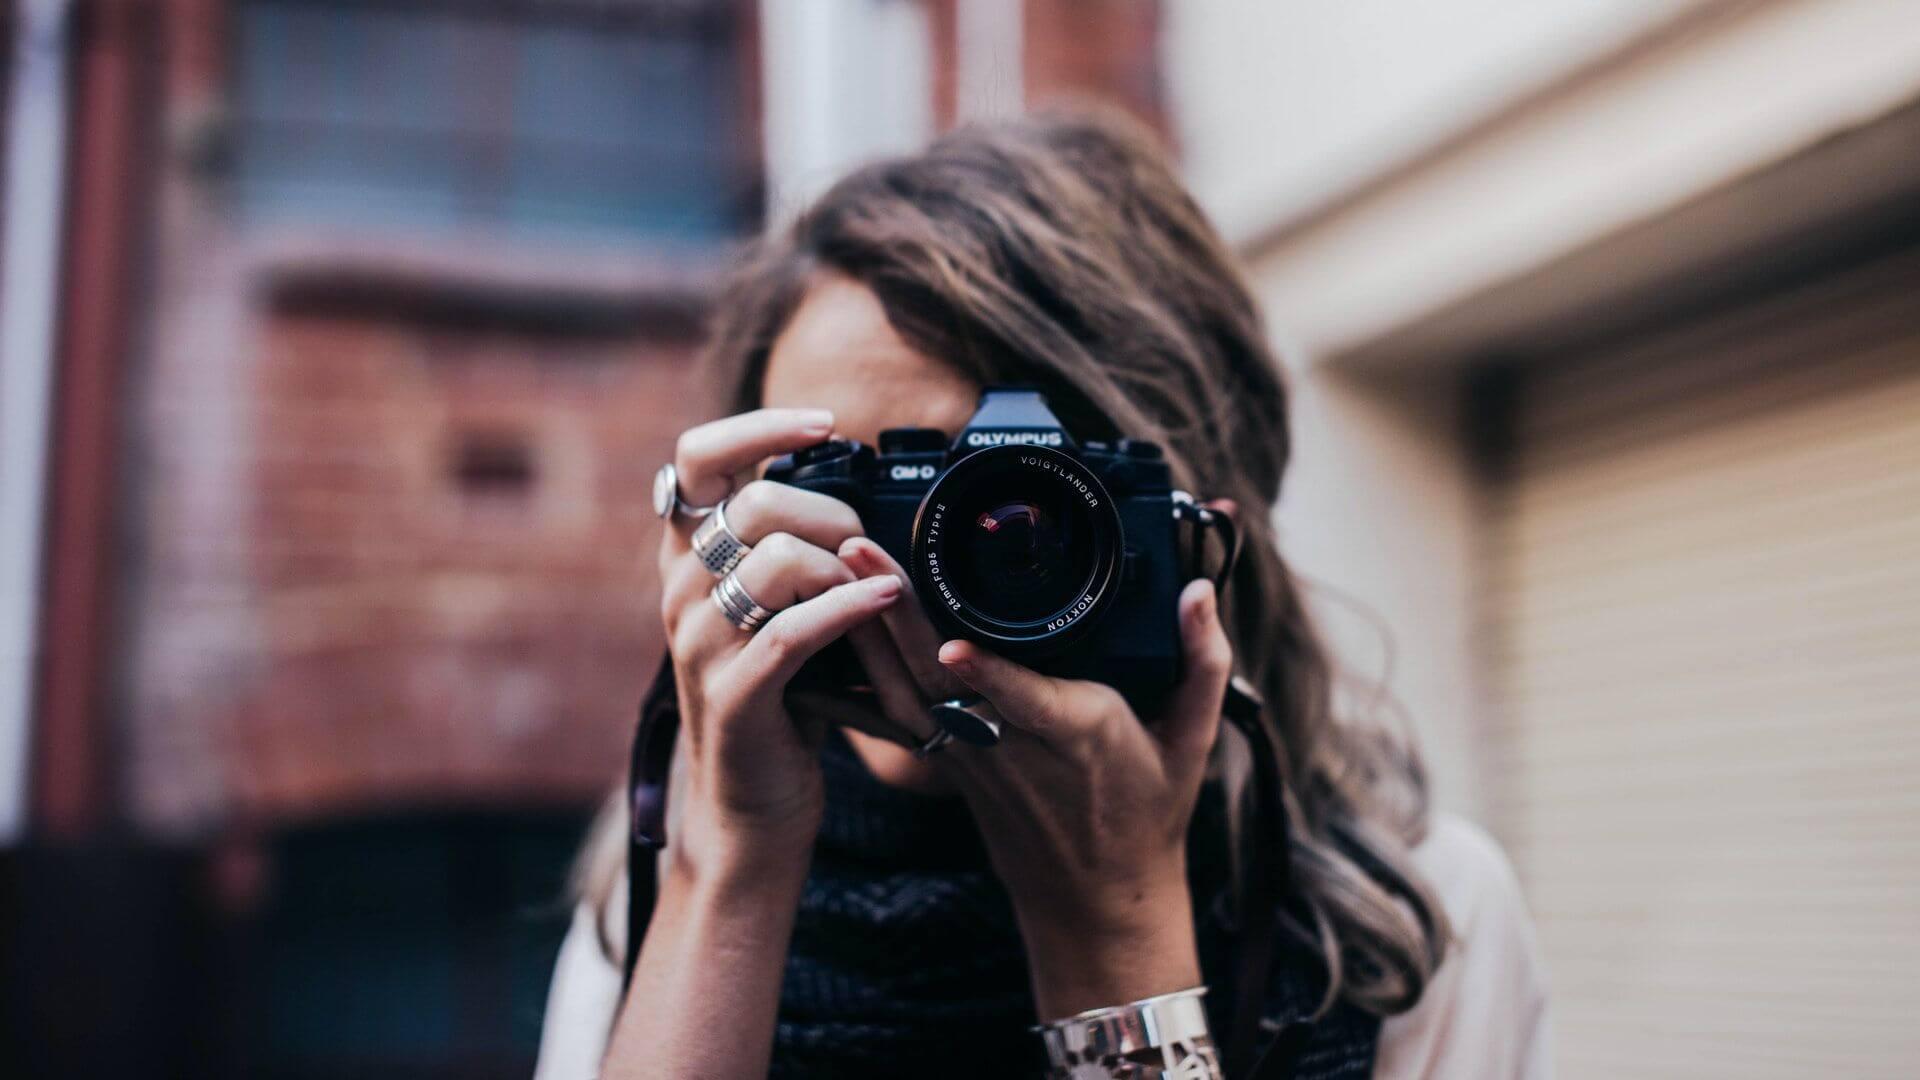 Fotógrafos de calle que nos inspiran y nos animan a pasear por la ciudad